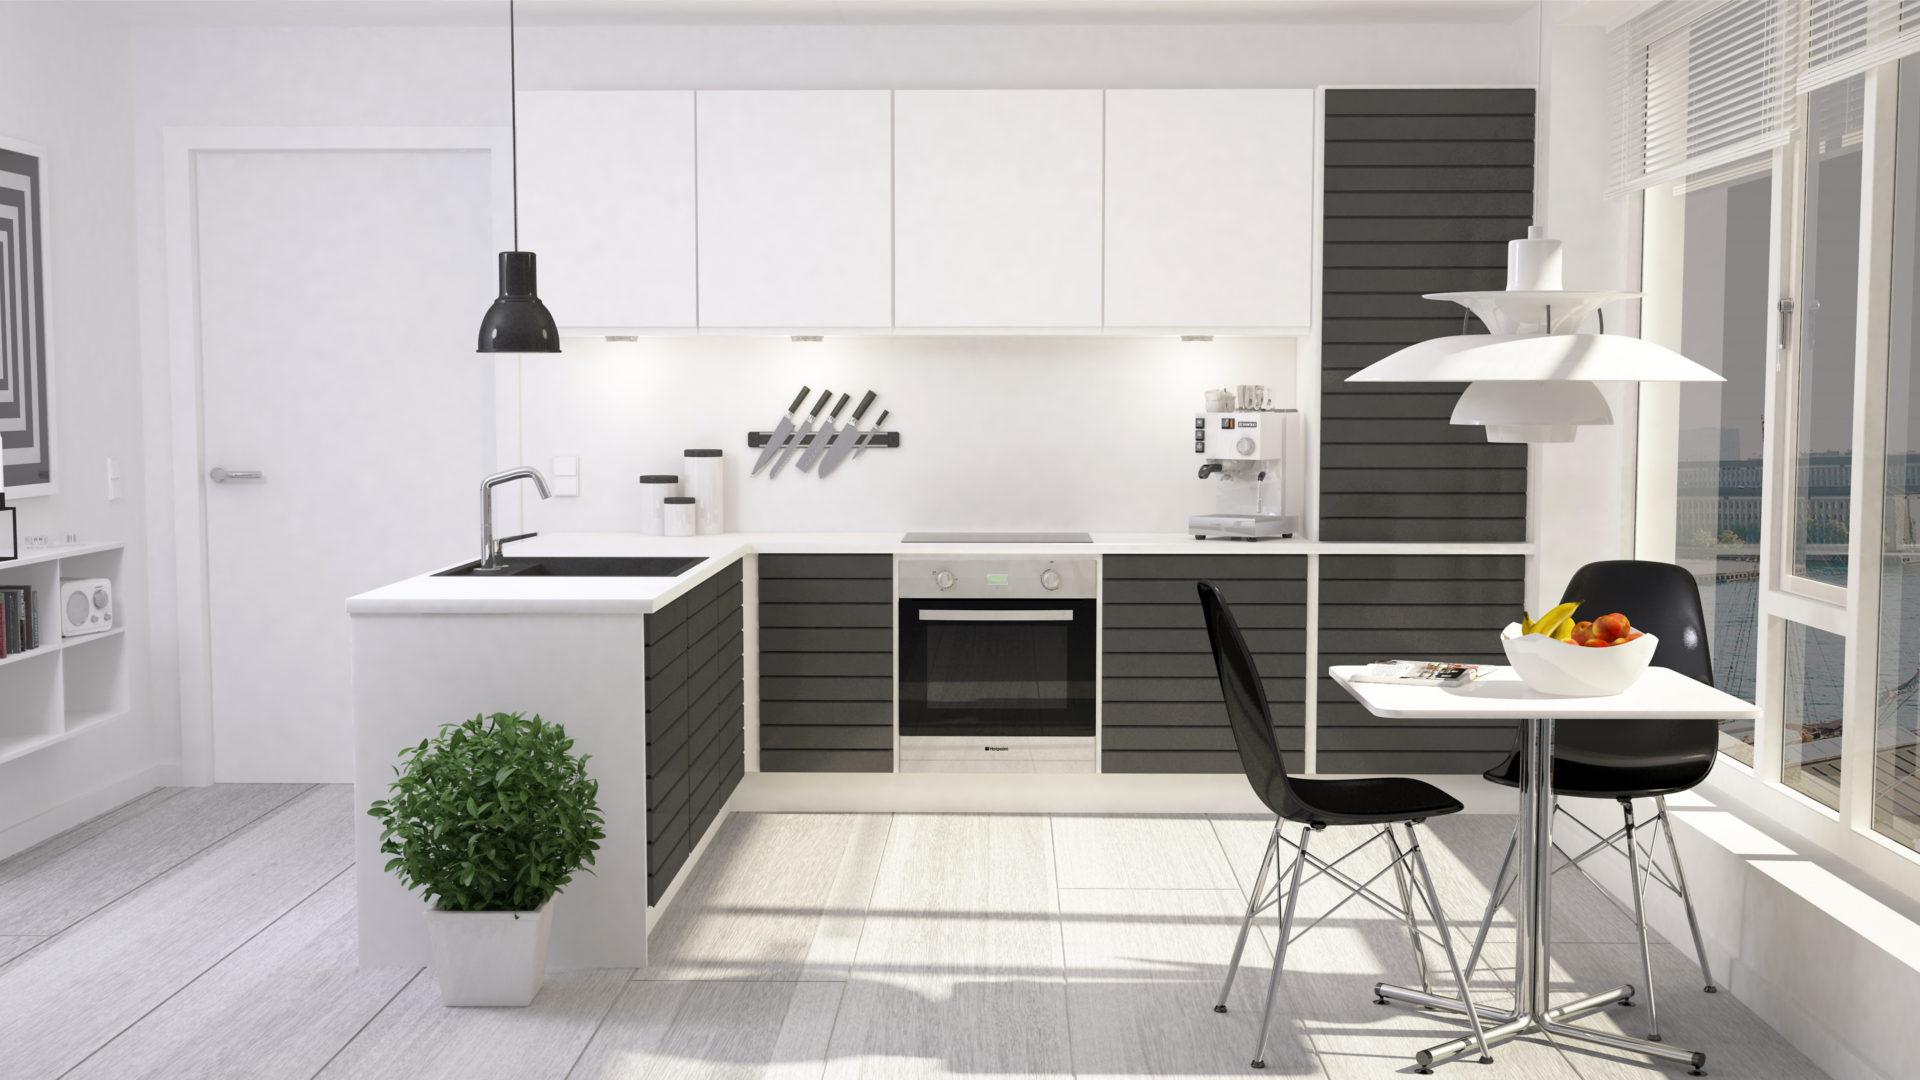 10 Small Kitchen Design ideas | Design Trends - Premium PSD, Vector ...